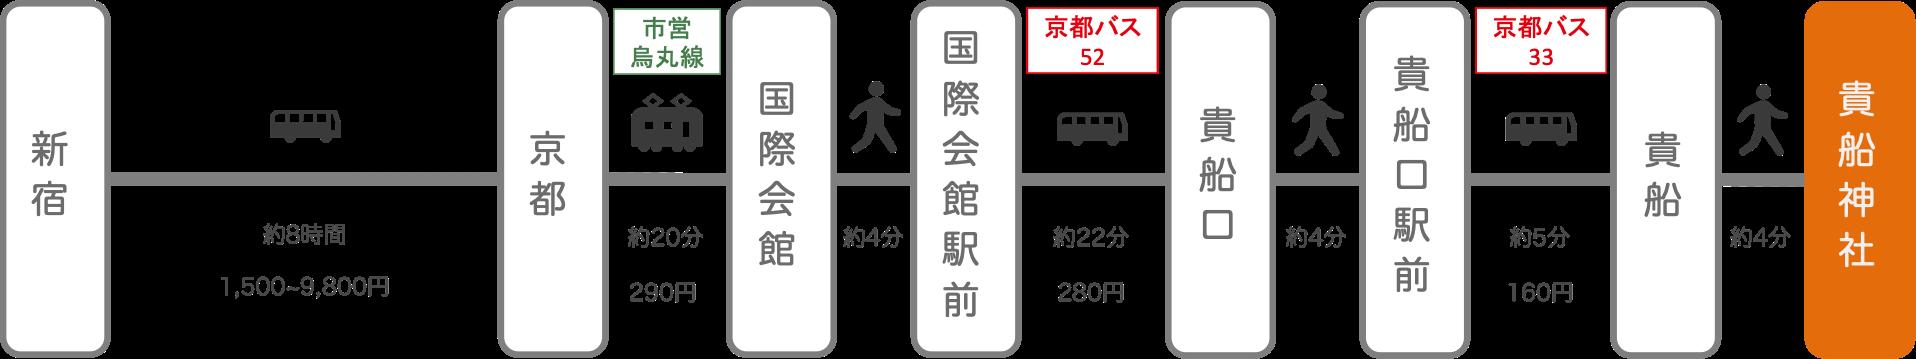 貴船神社_新宿(東京)_高速バス